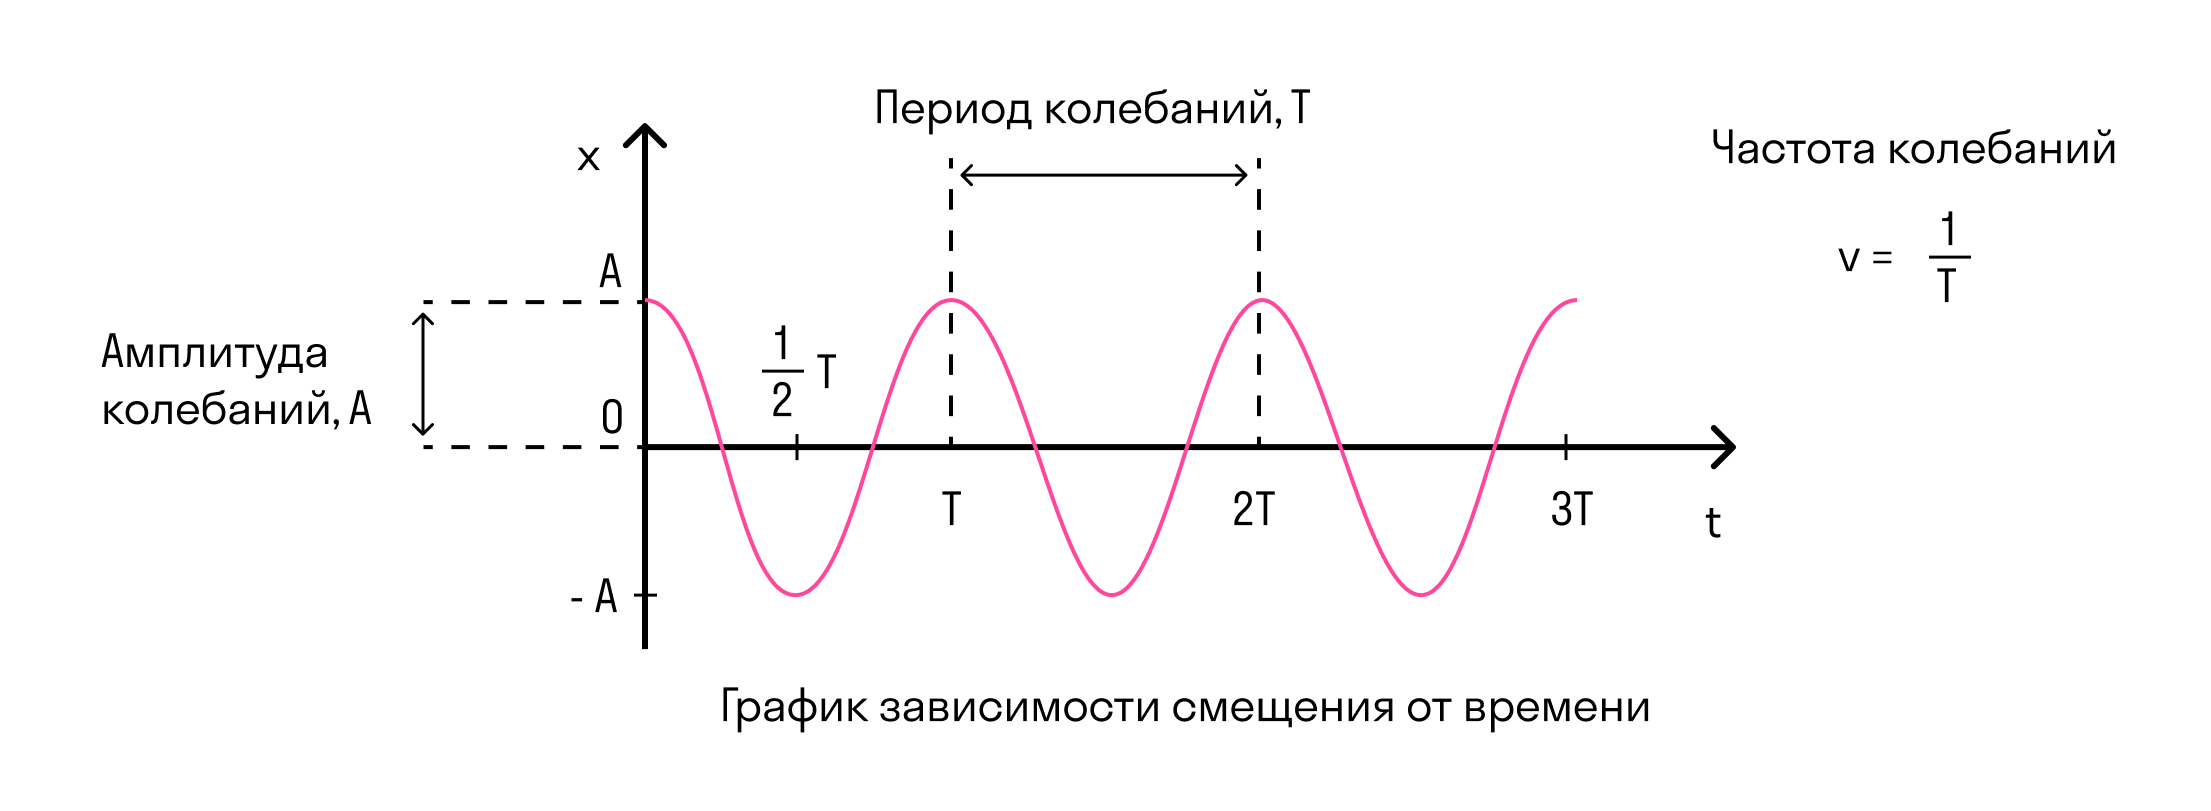 график зависимости смещения от времени